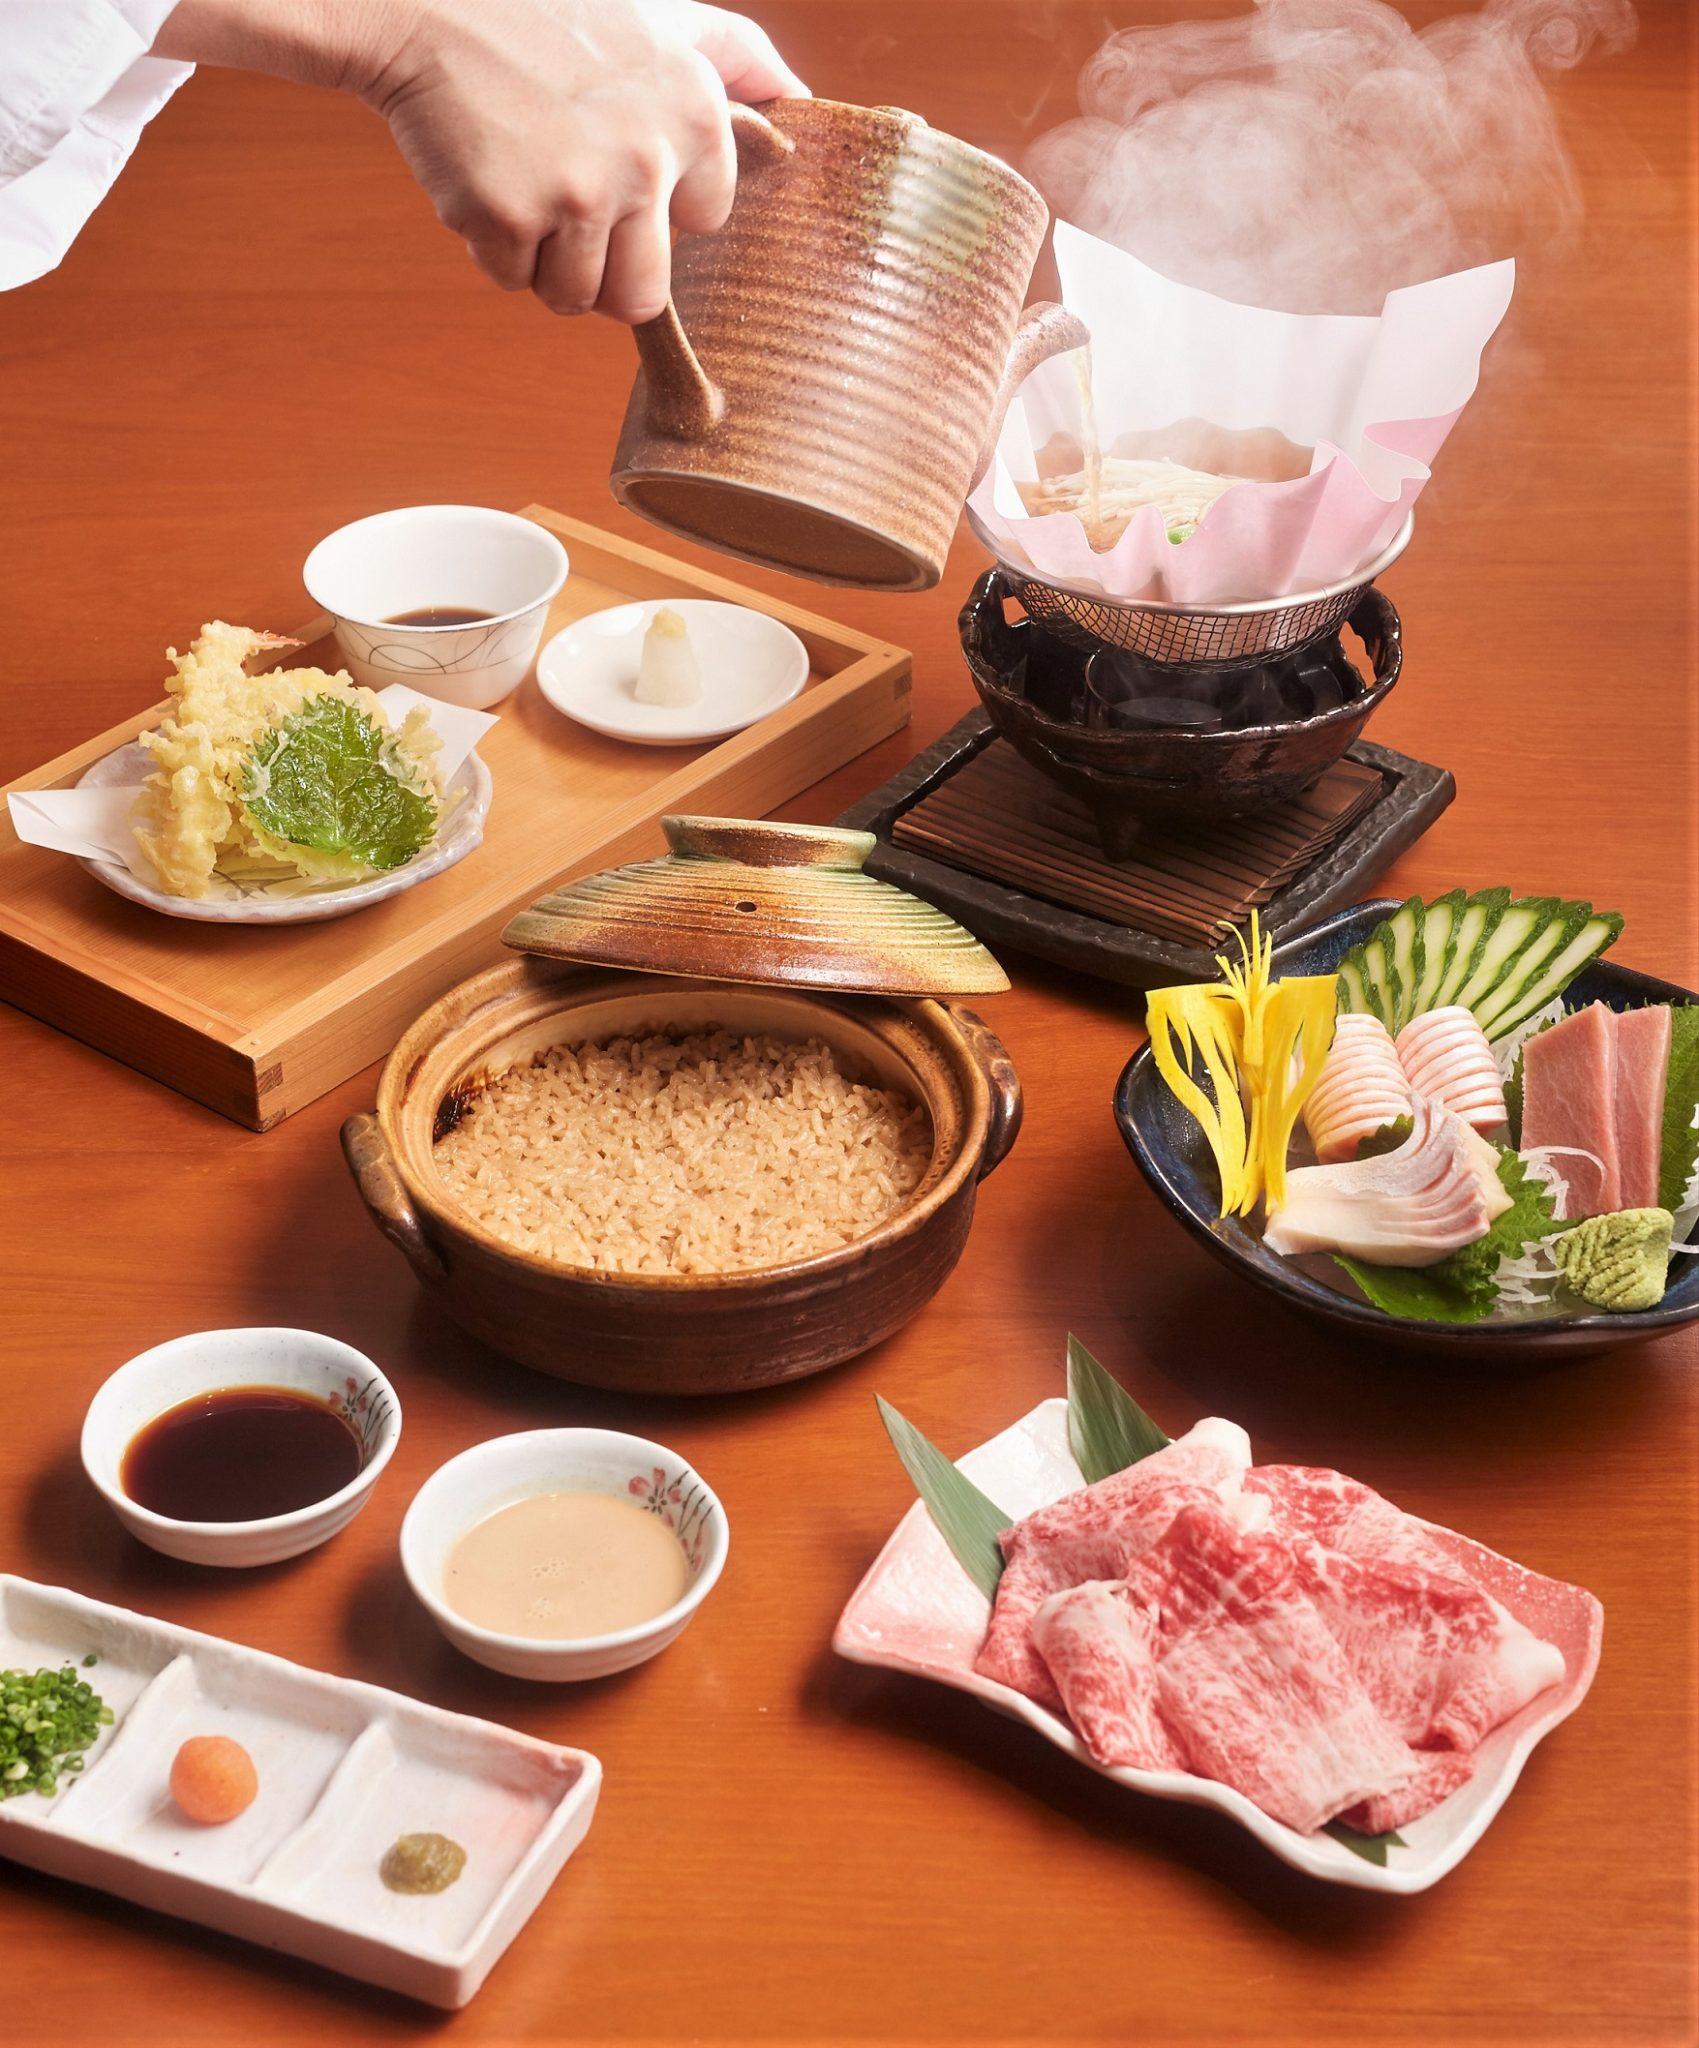 สุดยอดเซ็ตเนื้อฮิดะ ห้องอาหารคิซาระ โรงแรมคอนราด กรุงเทพฯ 13 -